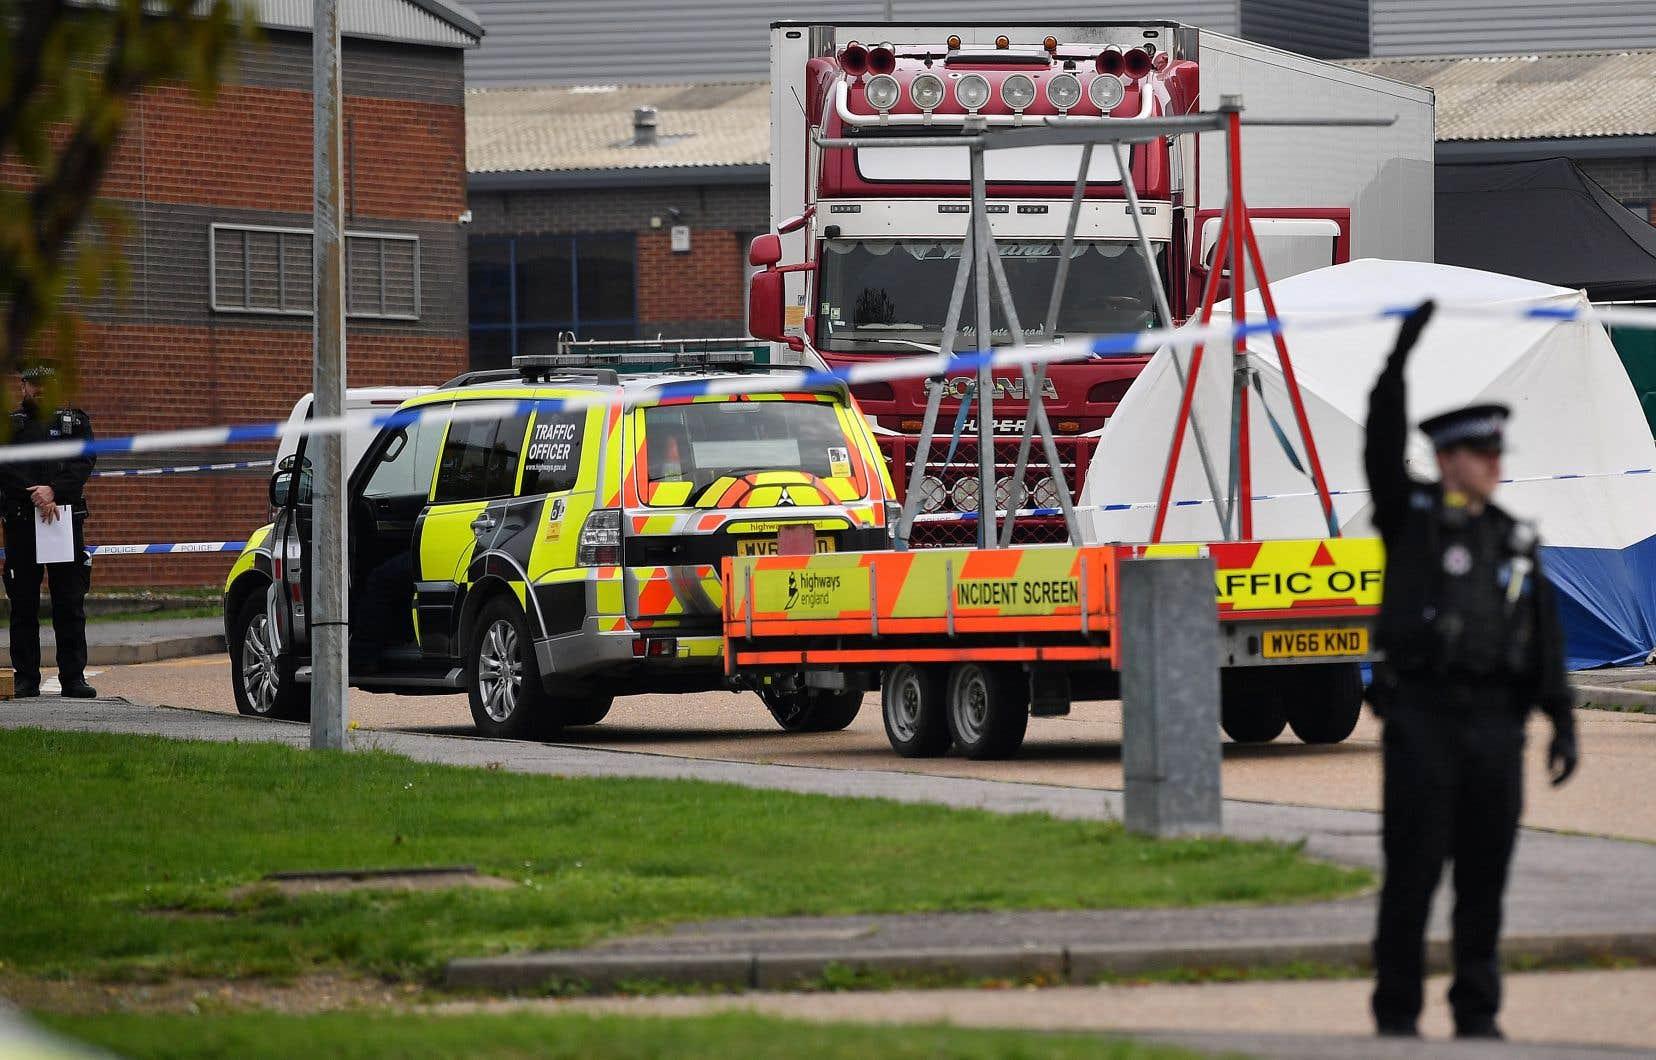 La remorque frigorifique contenant 39 corps a été découverte dans un parc industriel de Grays dans le comté de l'Essex, accrochée à un camion.